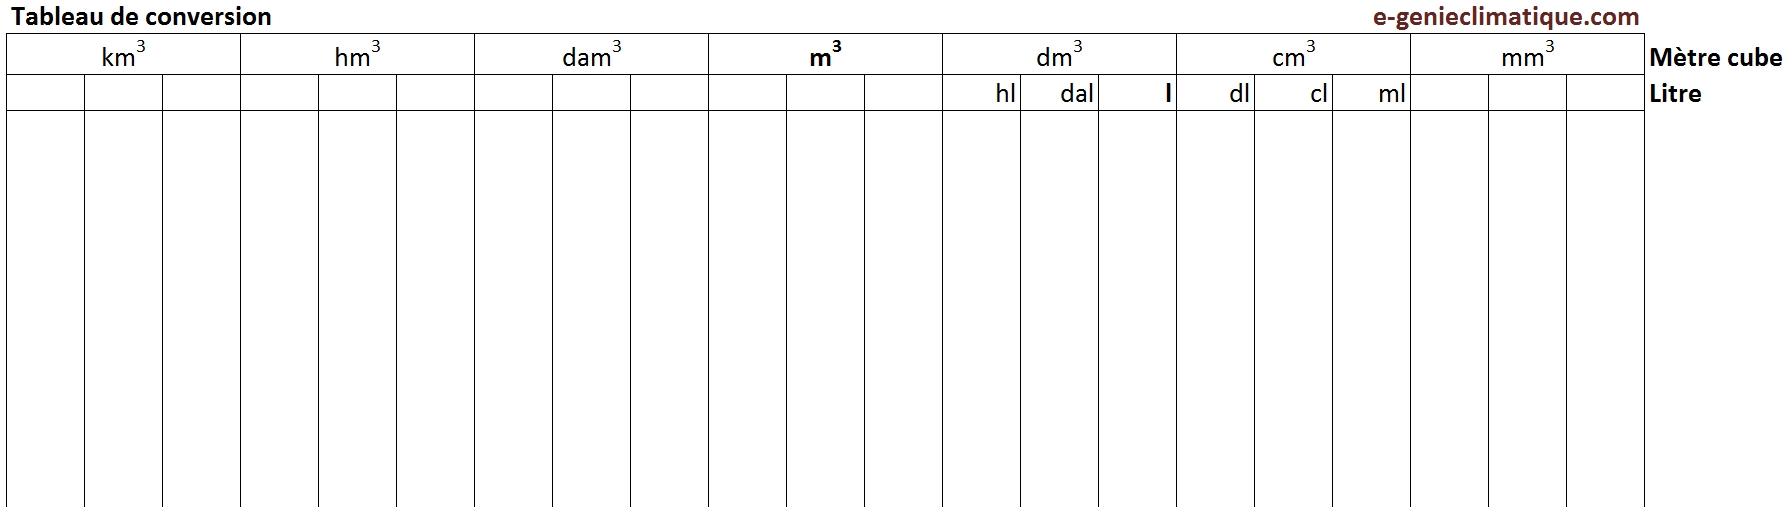 tableau de conversion m3 en ligne